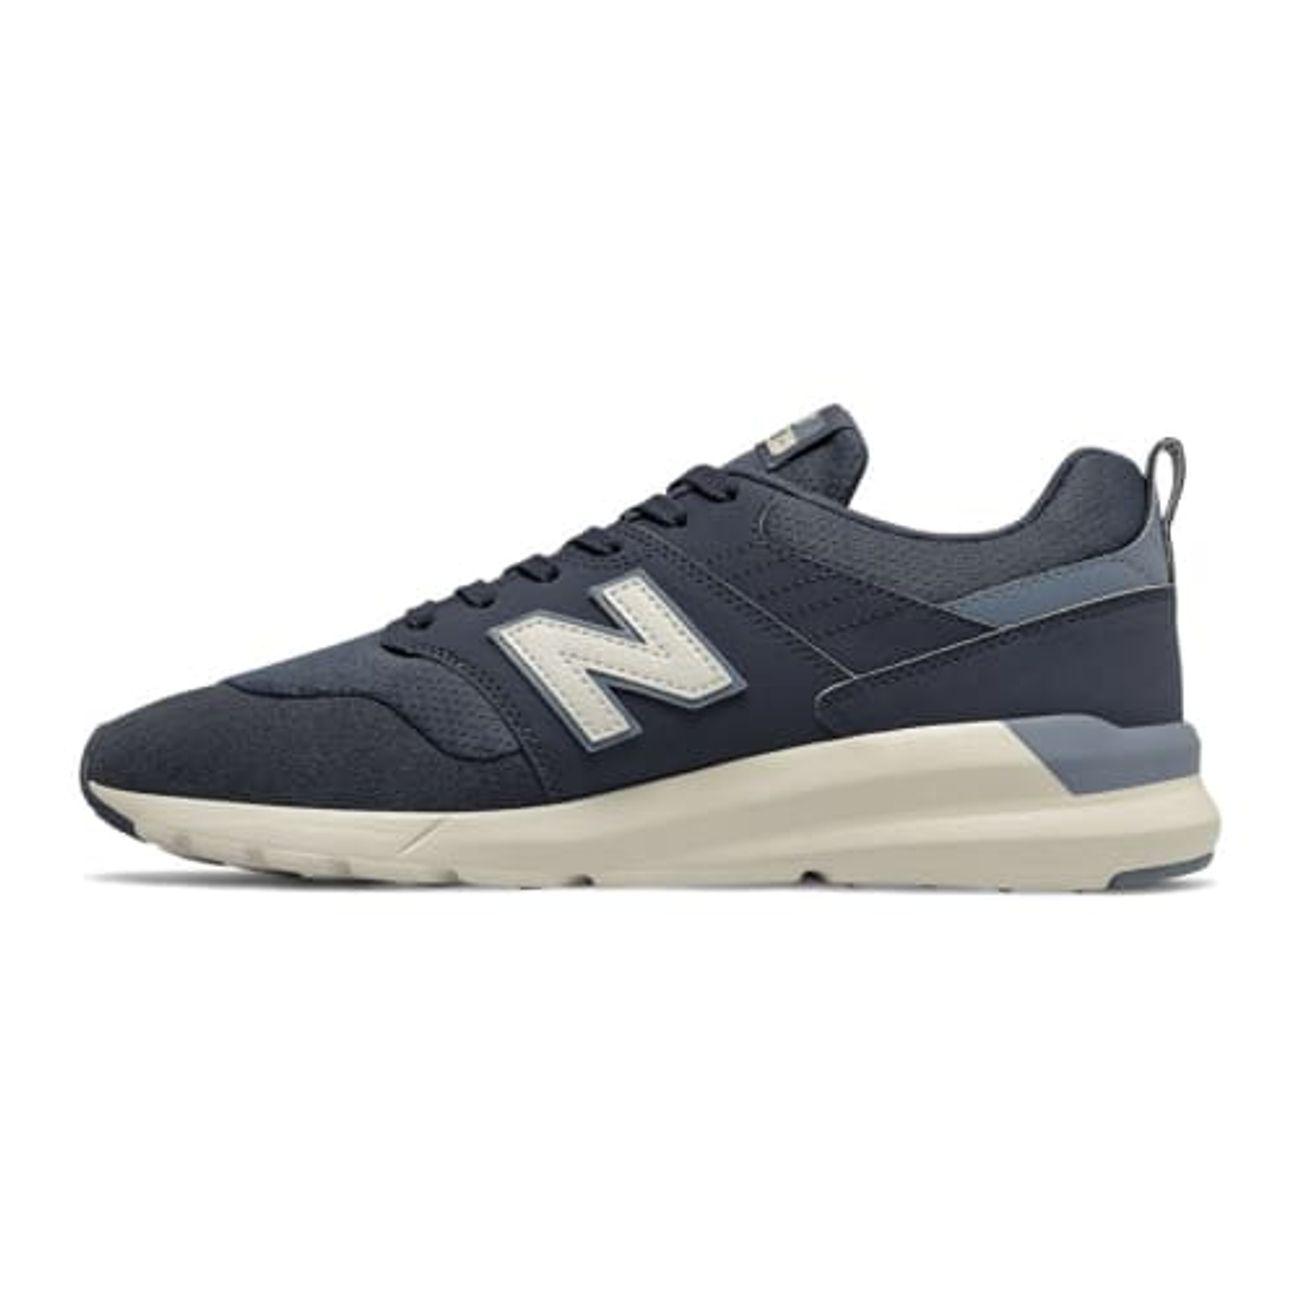 Chaussures New Balance 009 bleu – achat pas cher - GO Sport